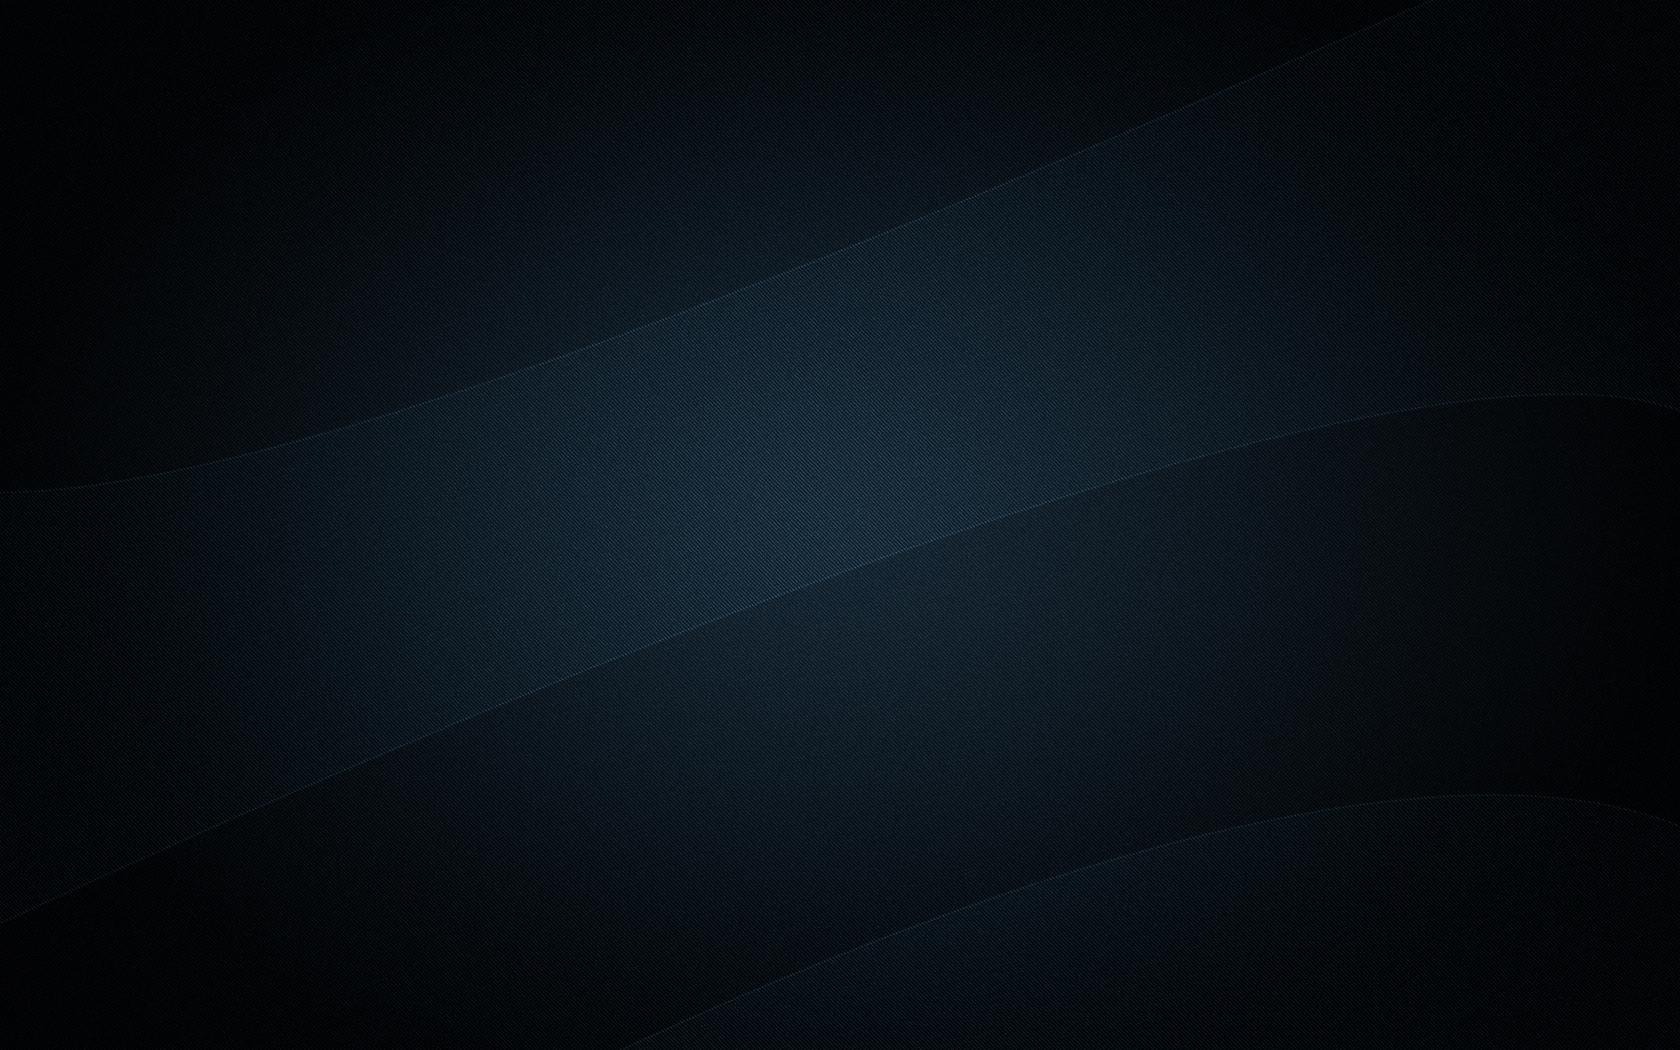 Tags: navy blue wallpaper. Standard size 4:3 : 1024x768 1280x960 1440x1050 1600x1200 1680x1260 1920x1440 2048x1536 Original Standard size 5:4 : 1280x1024